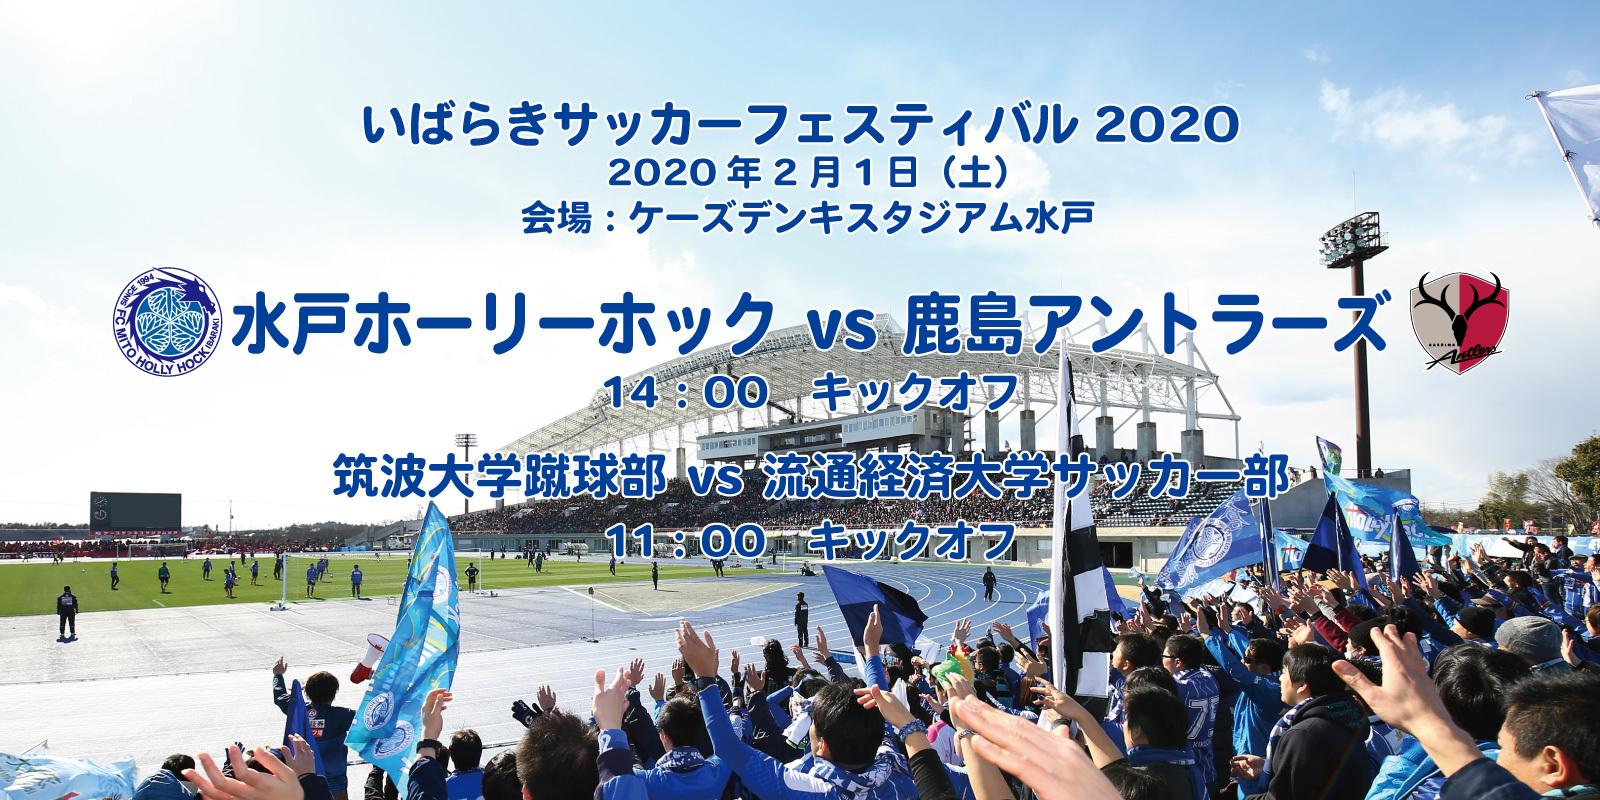 『いばらきサッカーフェスティバル2020』は2月1日(土)、ケーズデンキスタジアム水戸(茨城県)で開催される